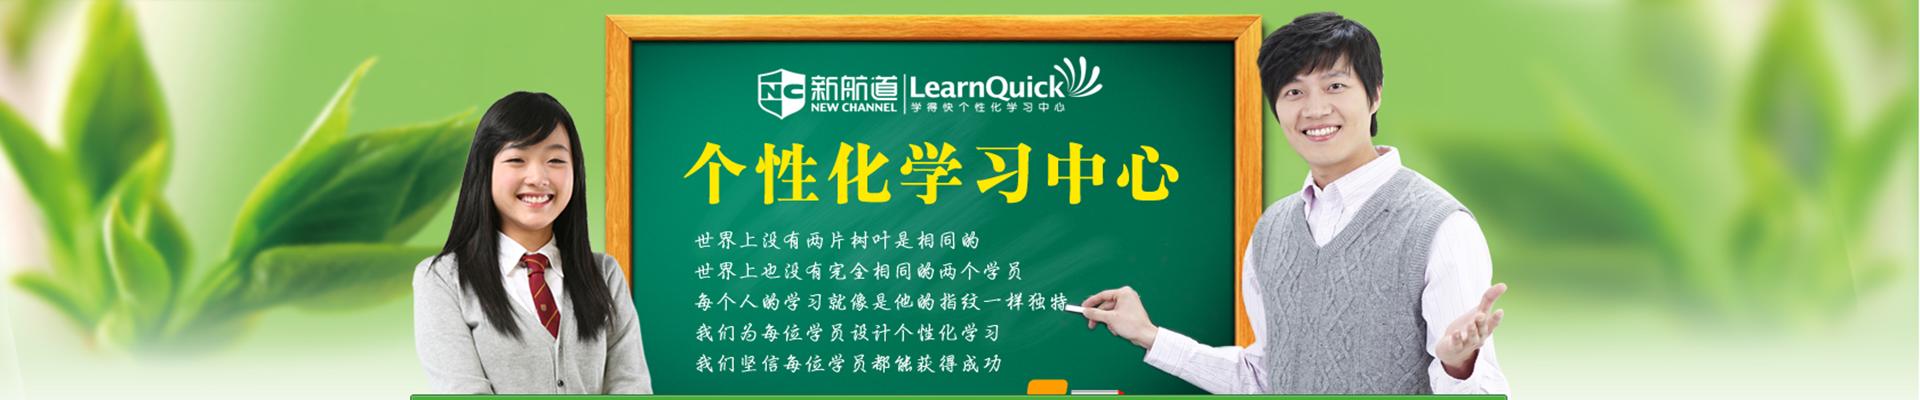 武汉青少佰港新航道英语培训